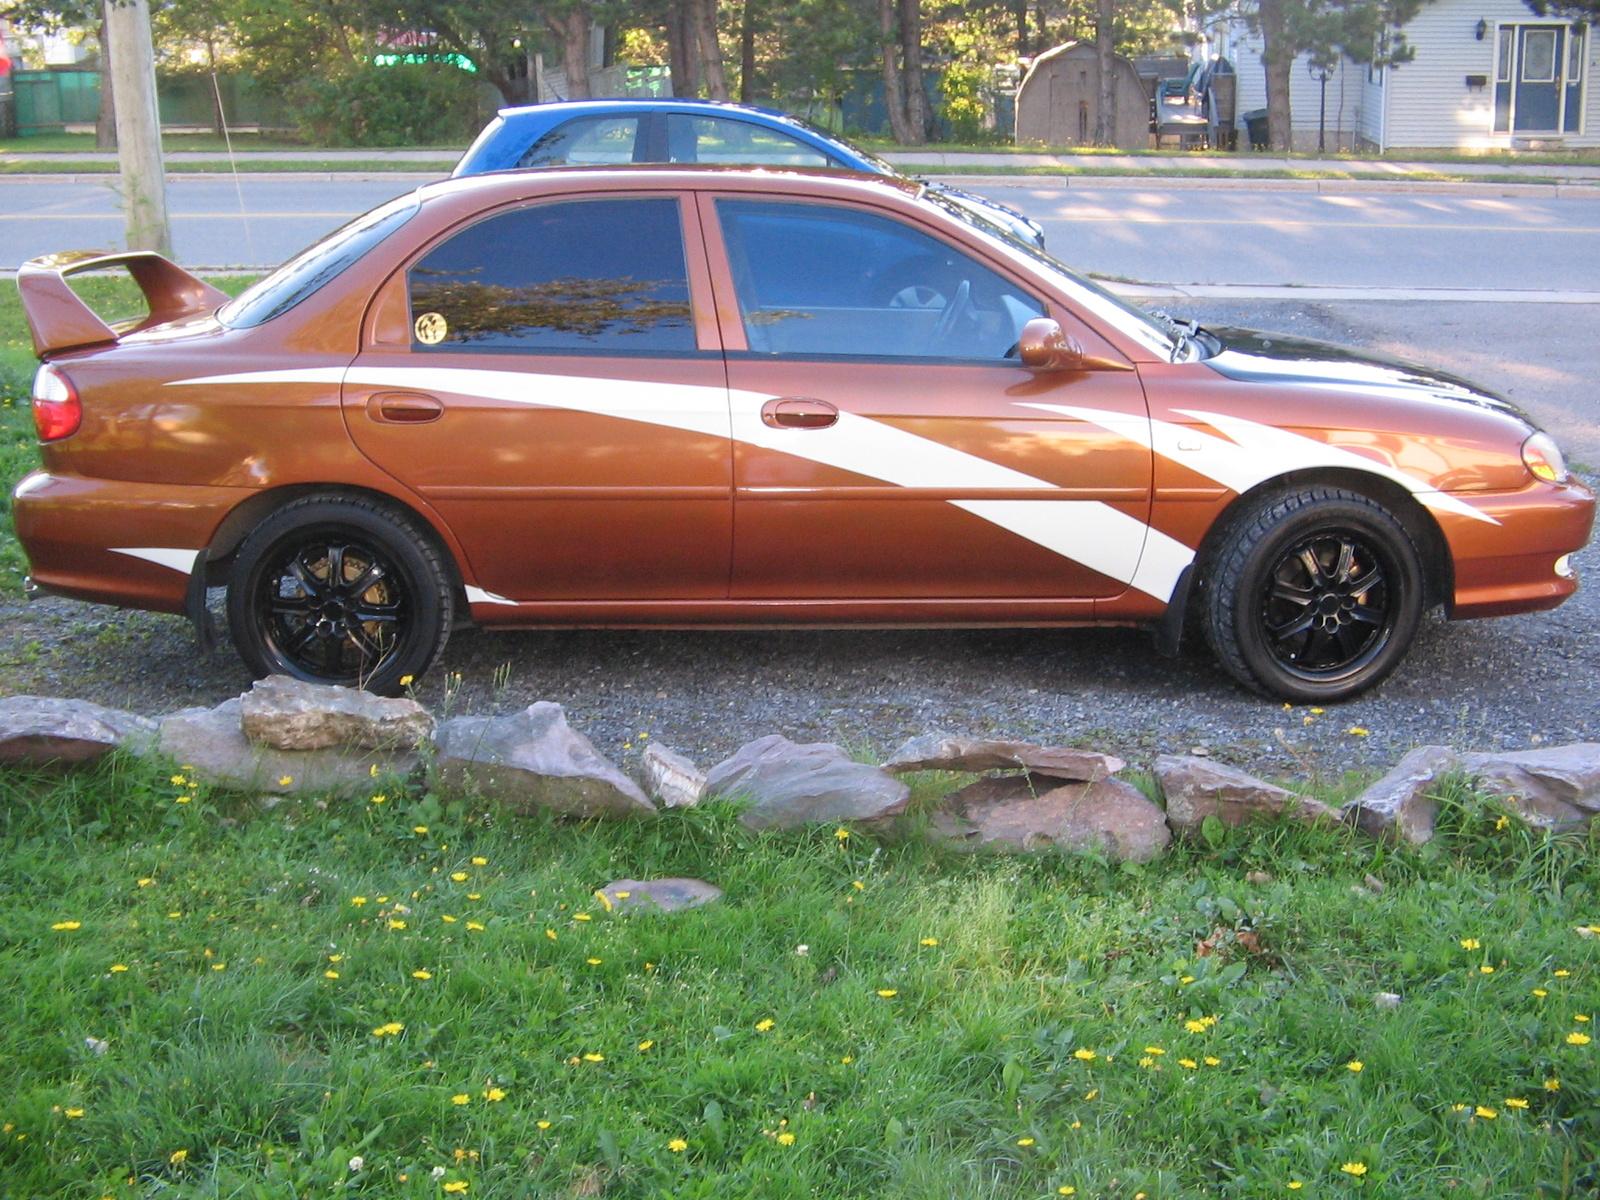 2001 kia sephia 4 dr ls sedan pictures 2001 kia sephia 4 dr ls